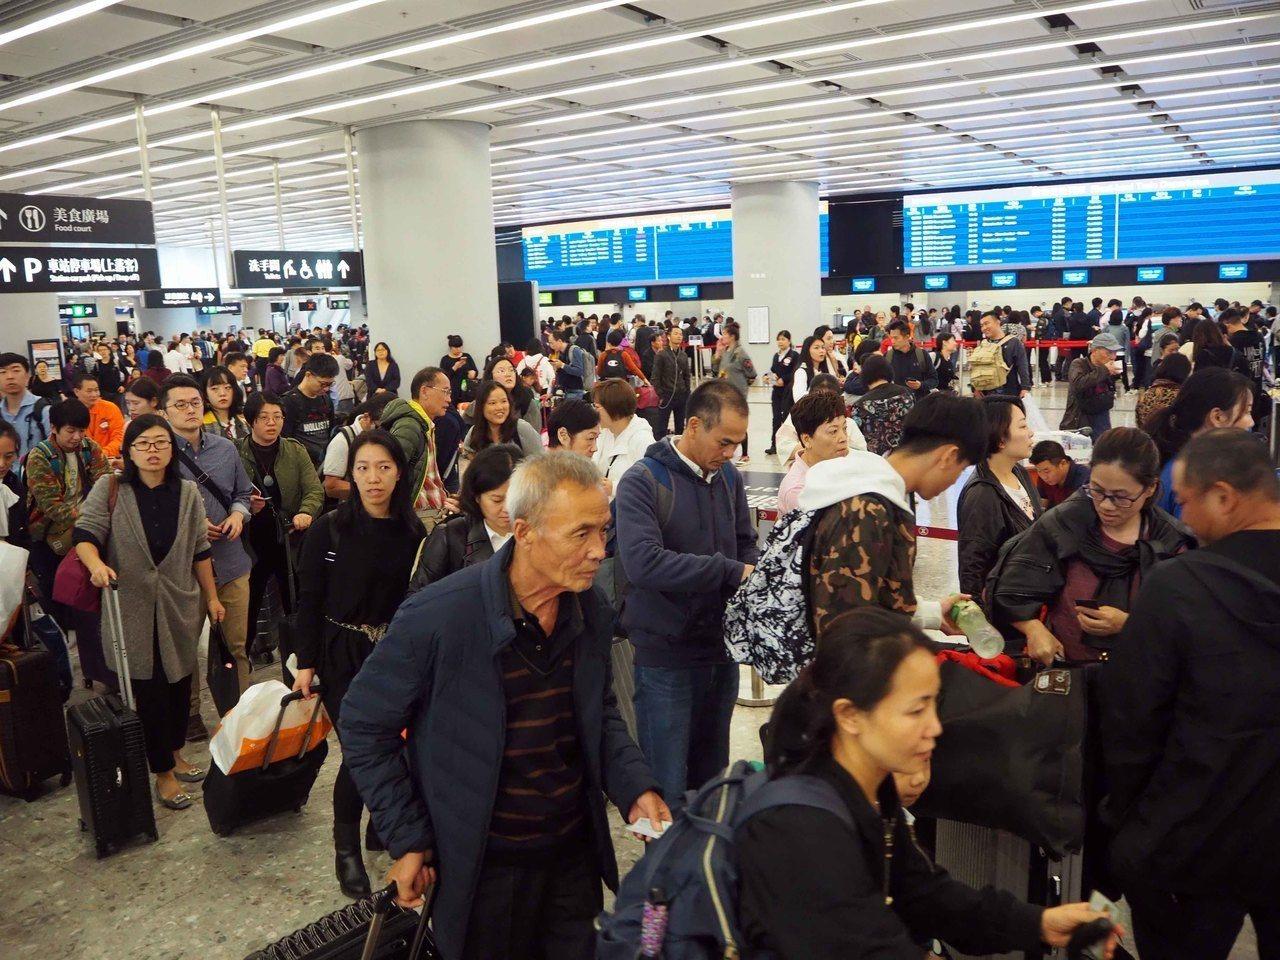 高鐵西九龍站客流9.4萬創新高 港人使用量創新高 香港中國通訊社